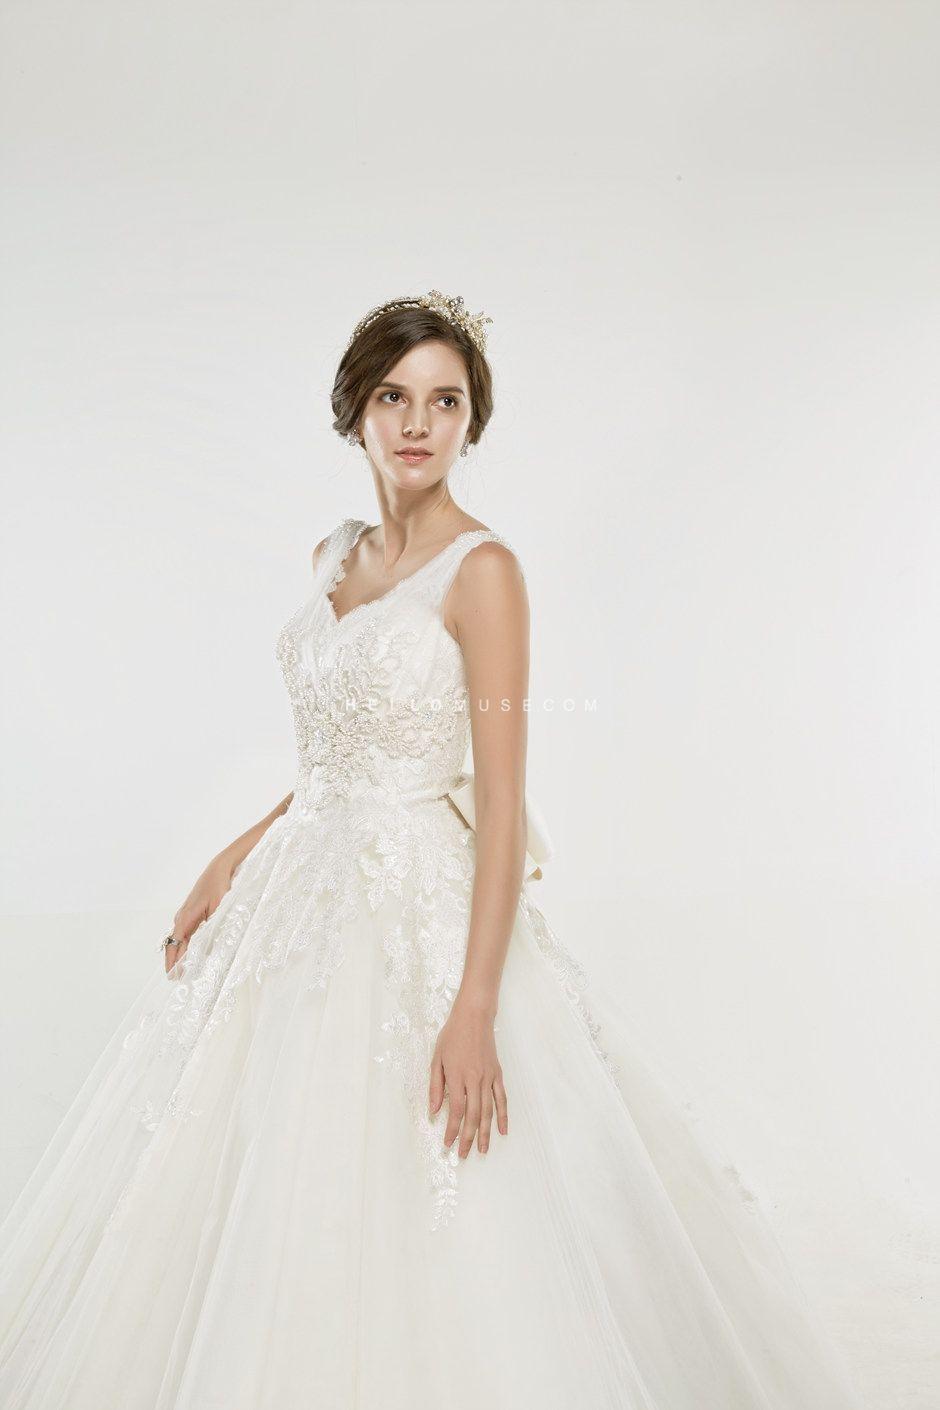 Korea pre wedding dress for pre wedding photo shoot in